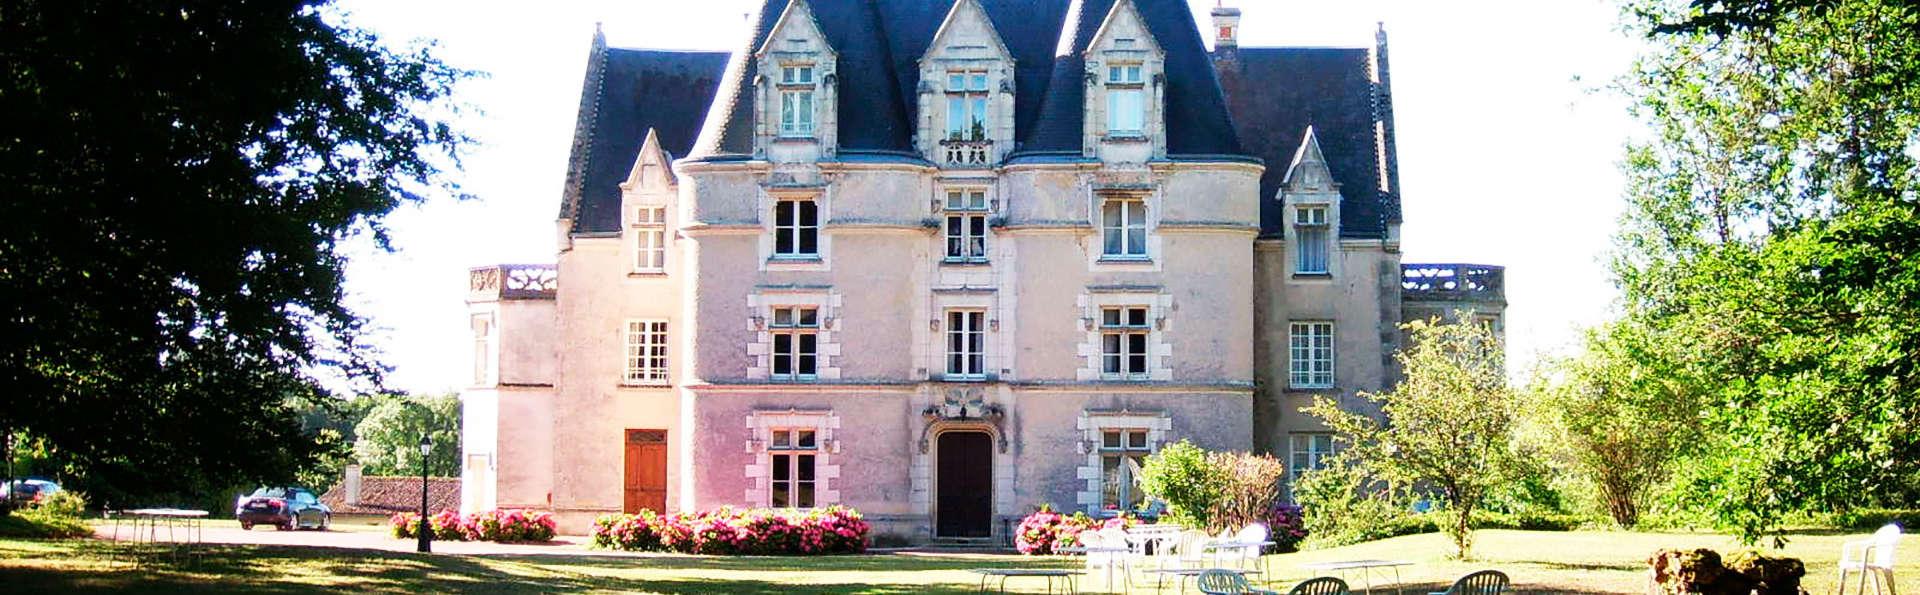 Château de Périgny  - EDIT_front.jpg